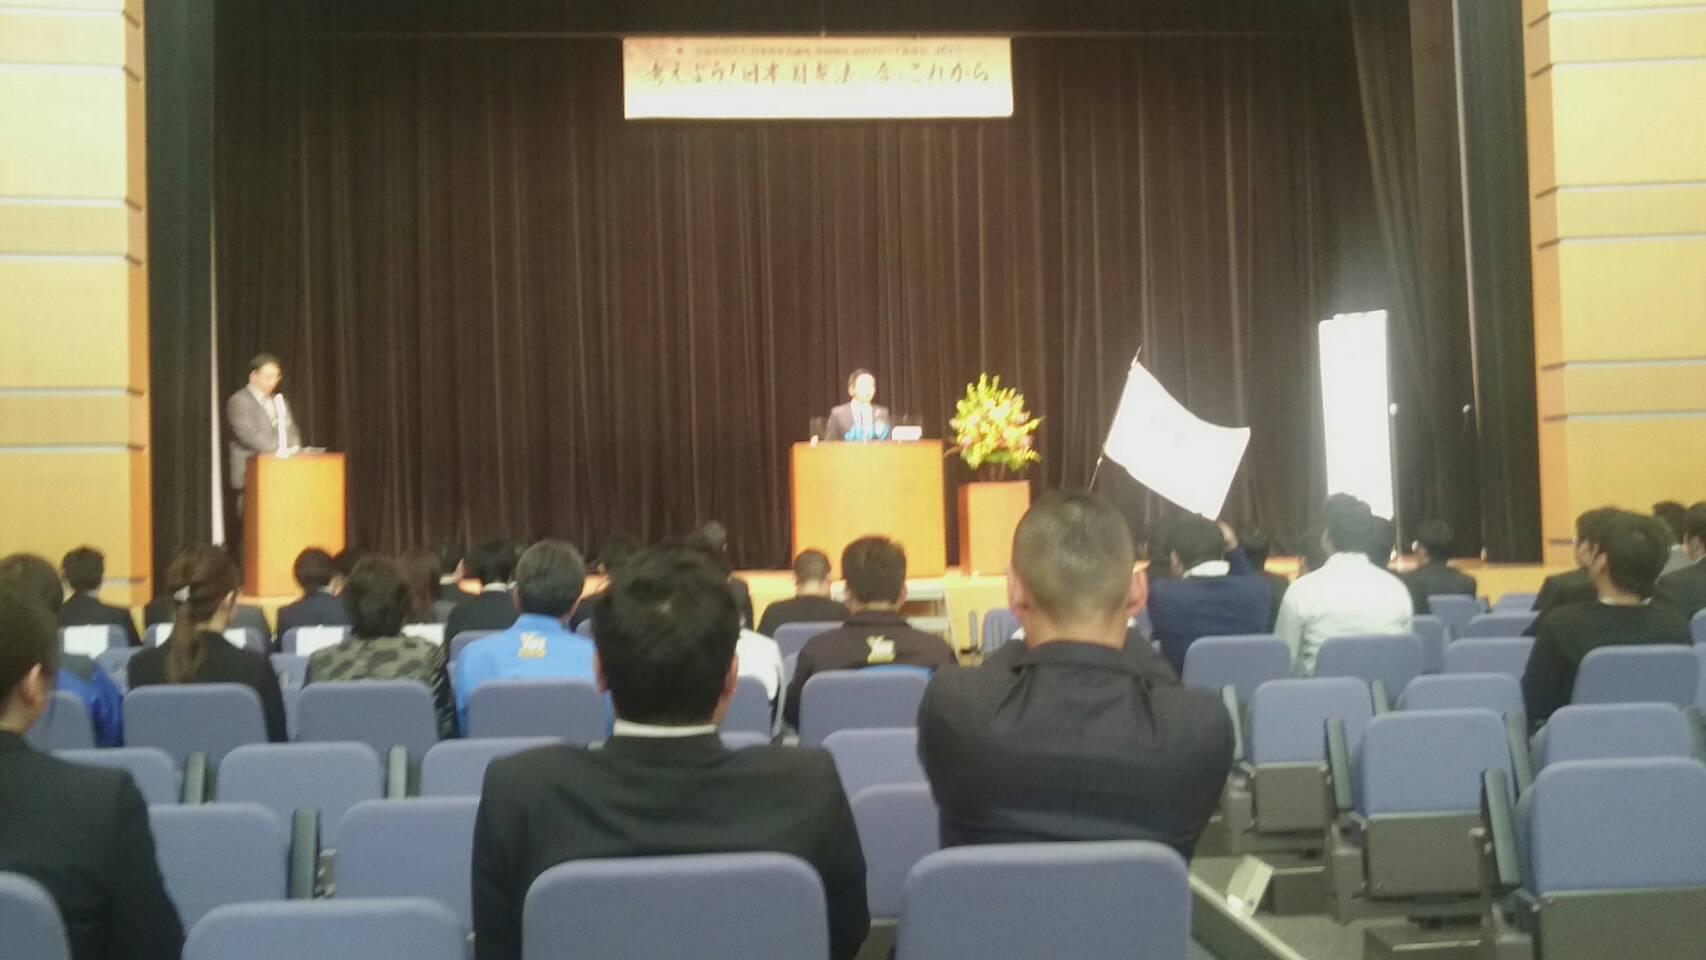 2017年度山口ブロック協議会主権者意識確立委員会『考えよう!日本国憲法の今とこれから』のサムネイル画像5